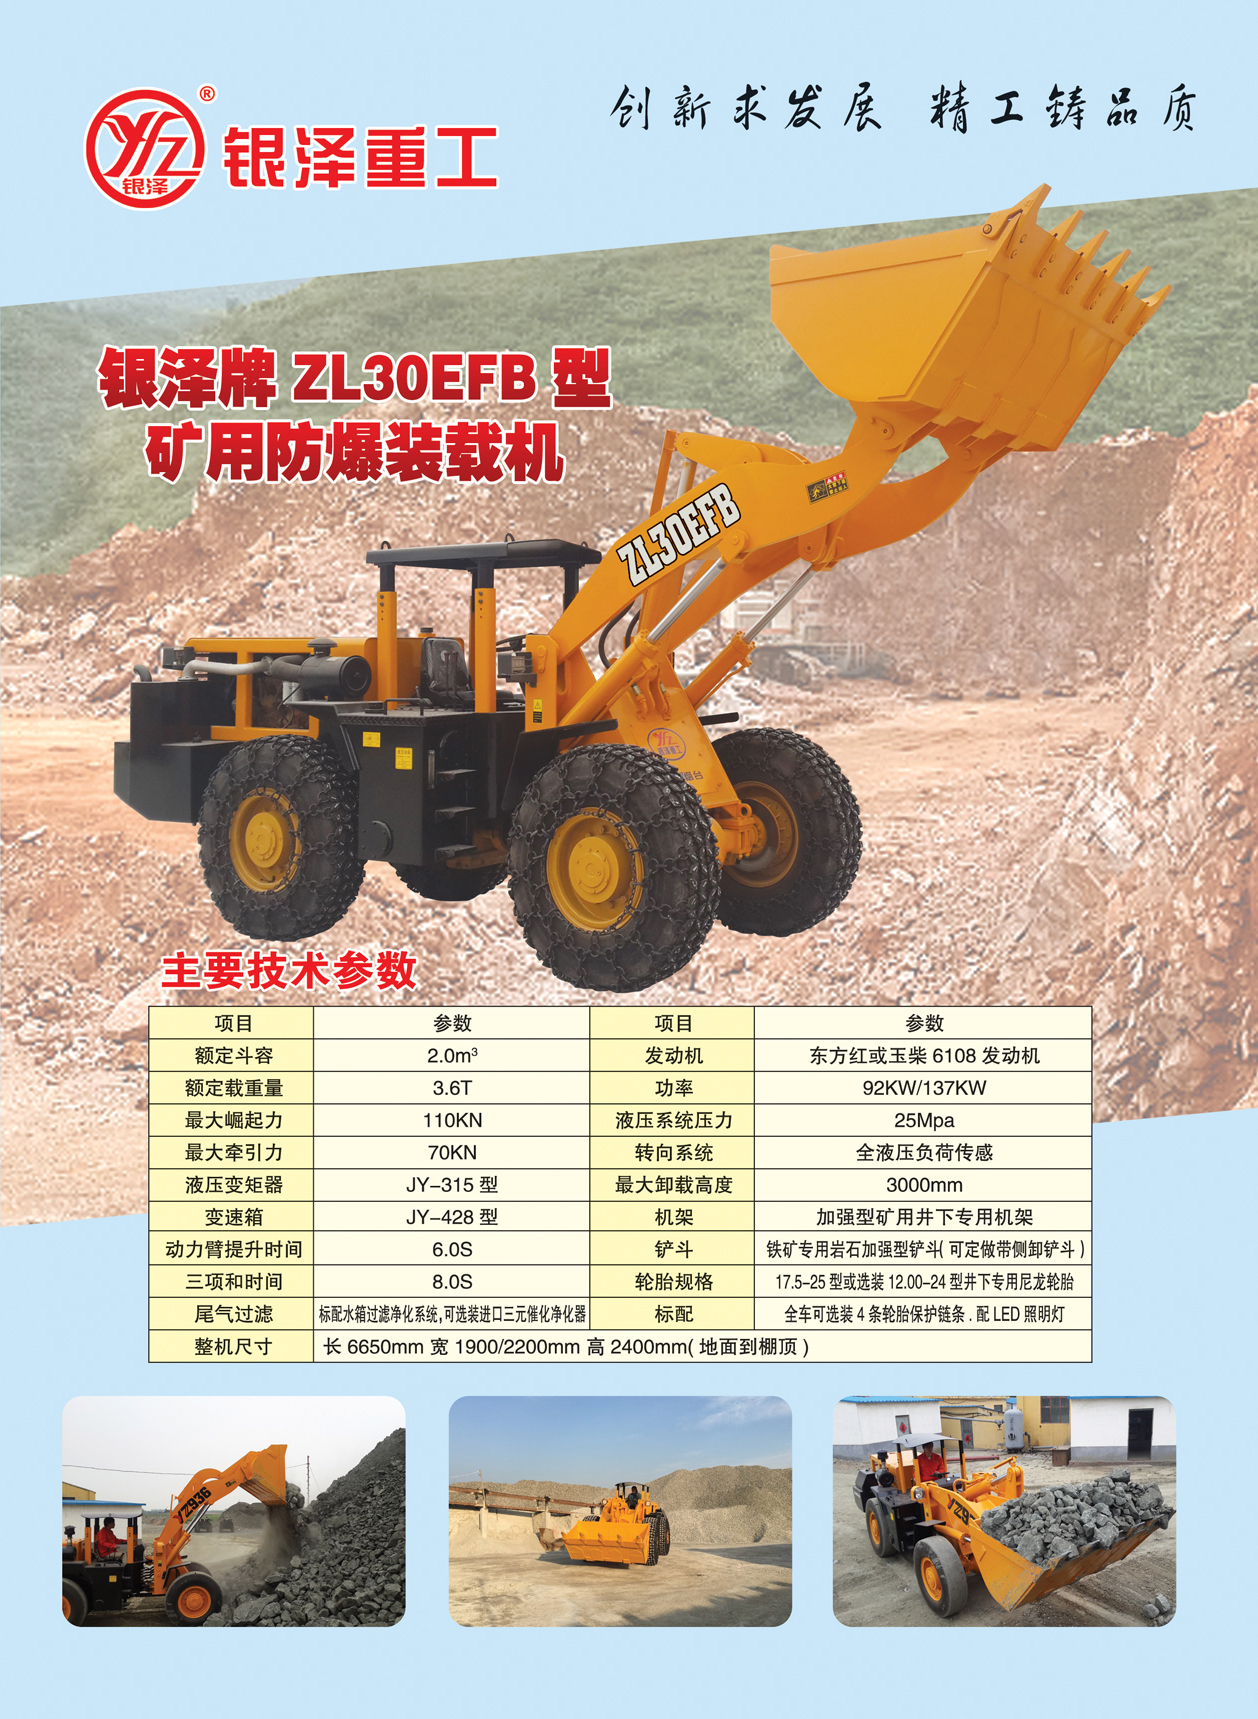 江西ZL30EFB型矿用防爆装载机